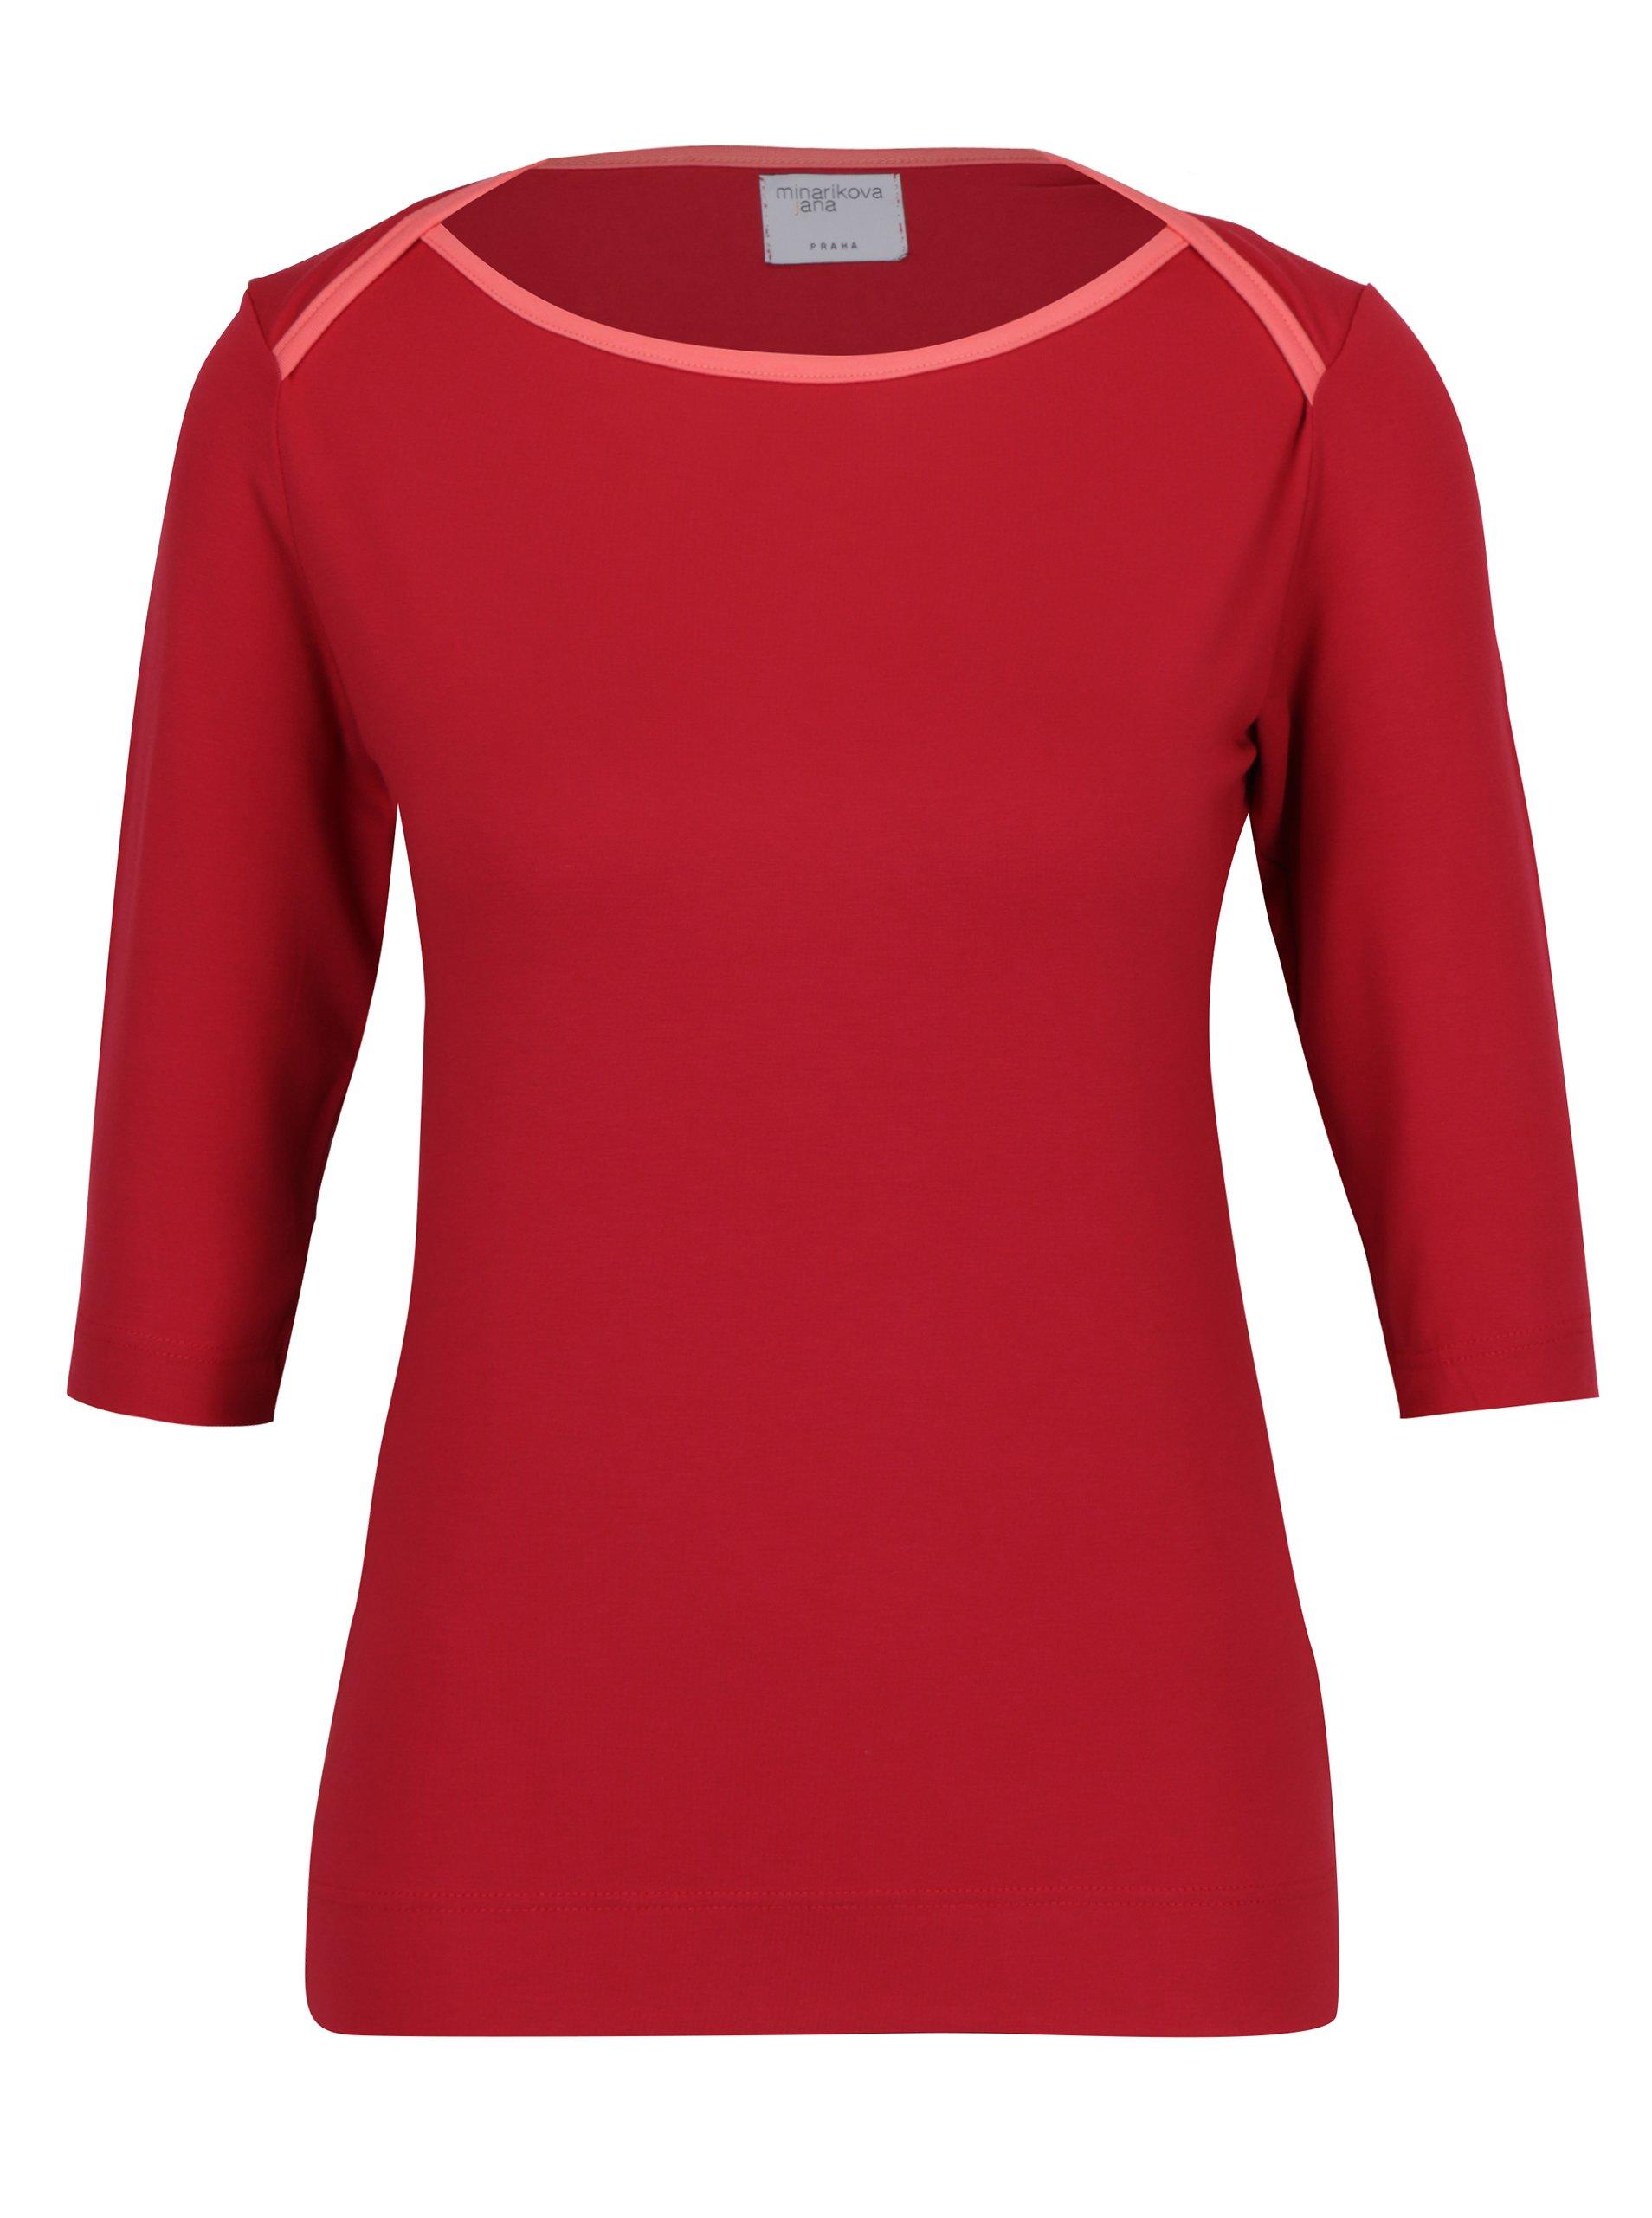 Červené tričko s lodičkovým výstřihem Jana Minaříková